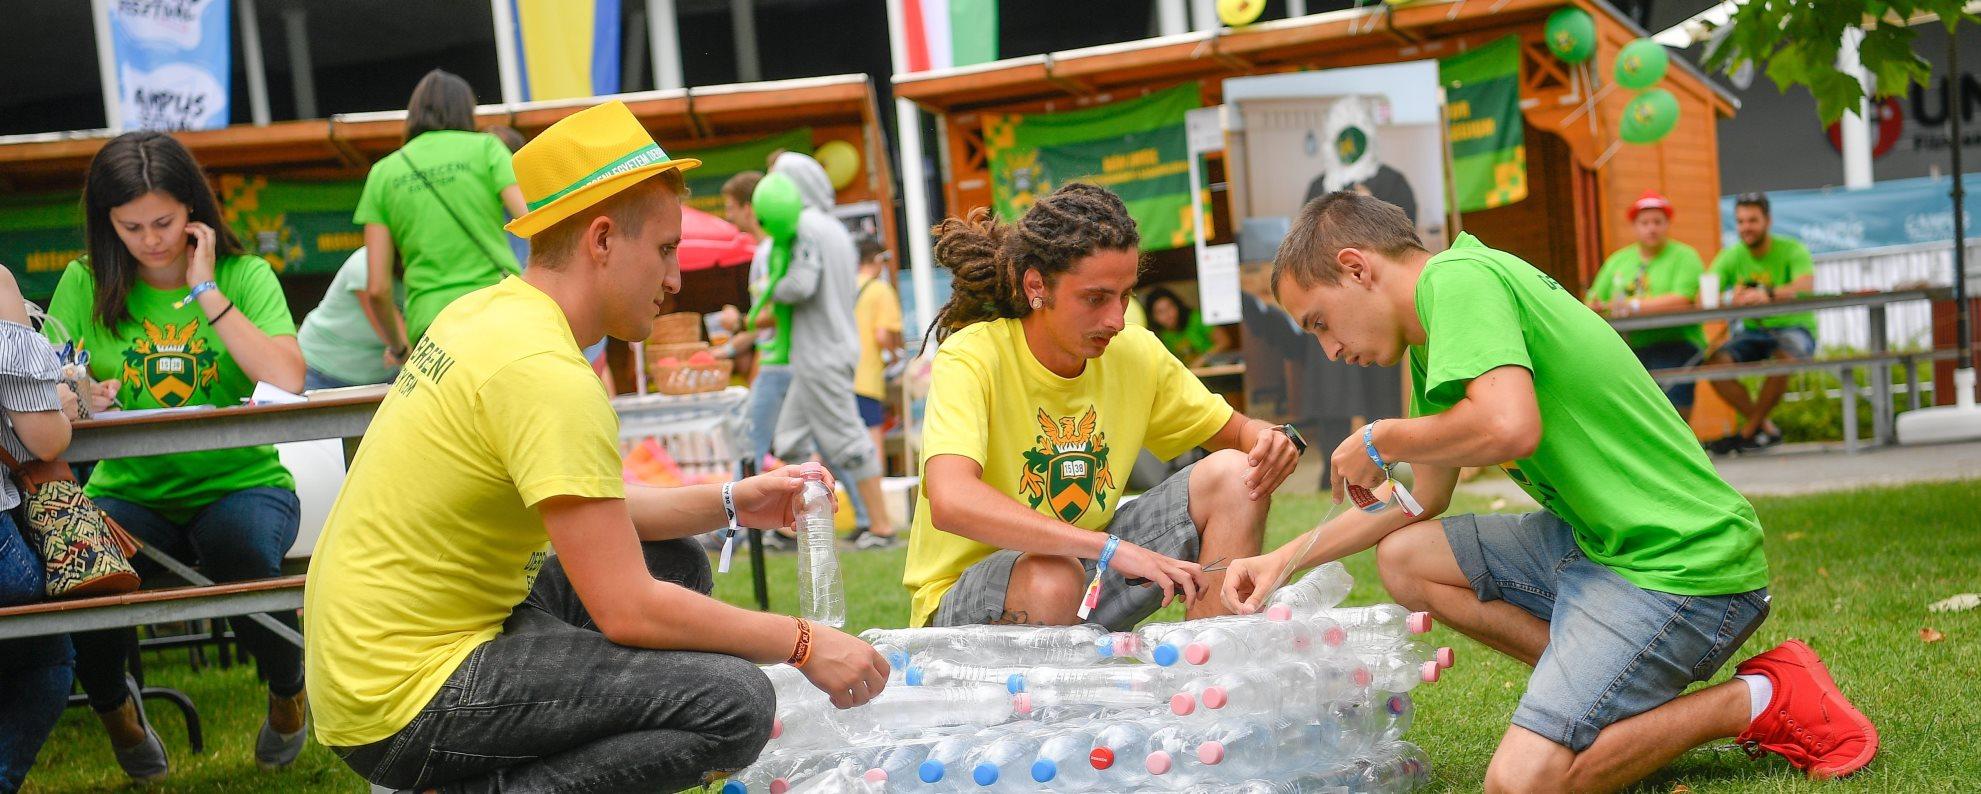 Campus Fesztivál - Megnyílt az Egyetem-tér a nulladik napon